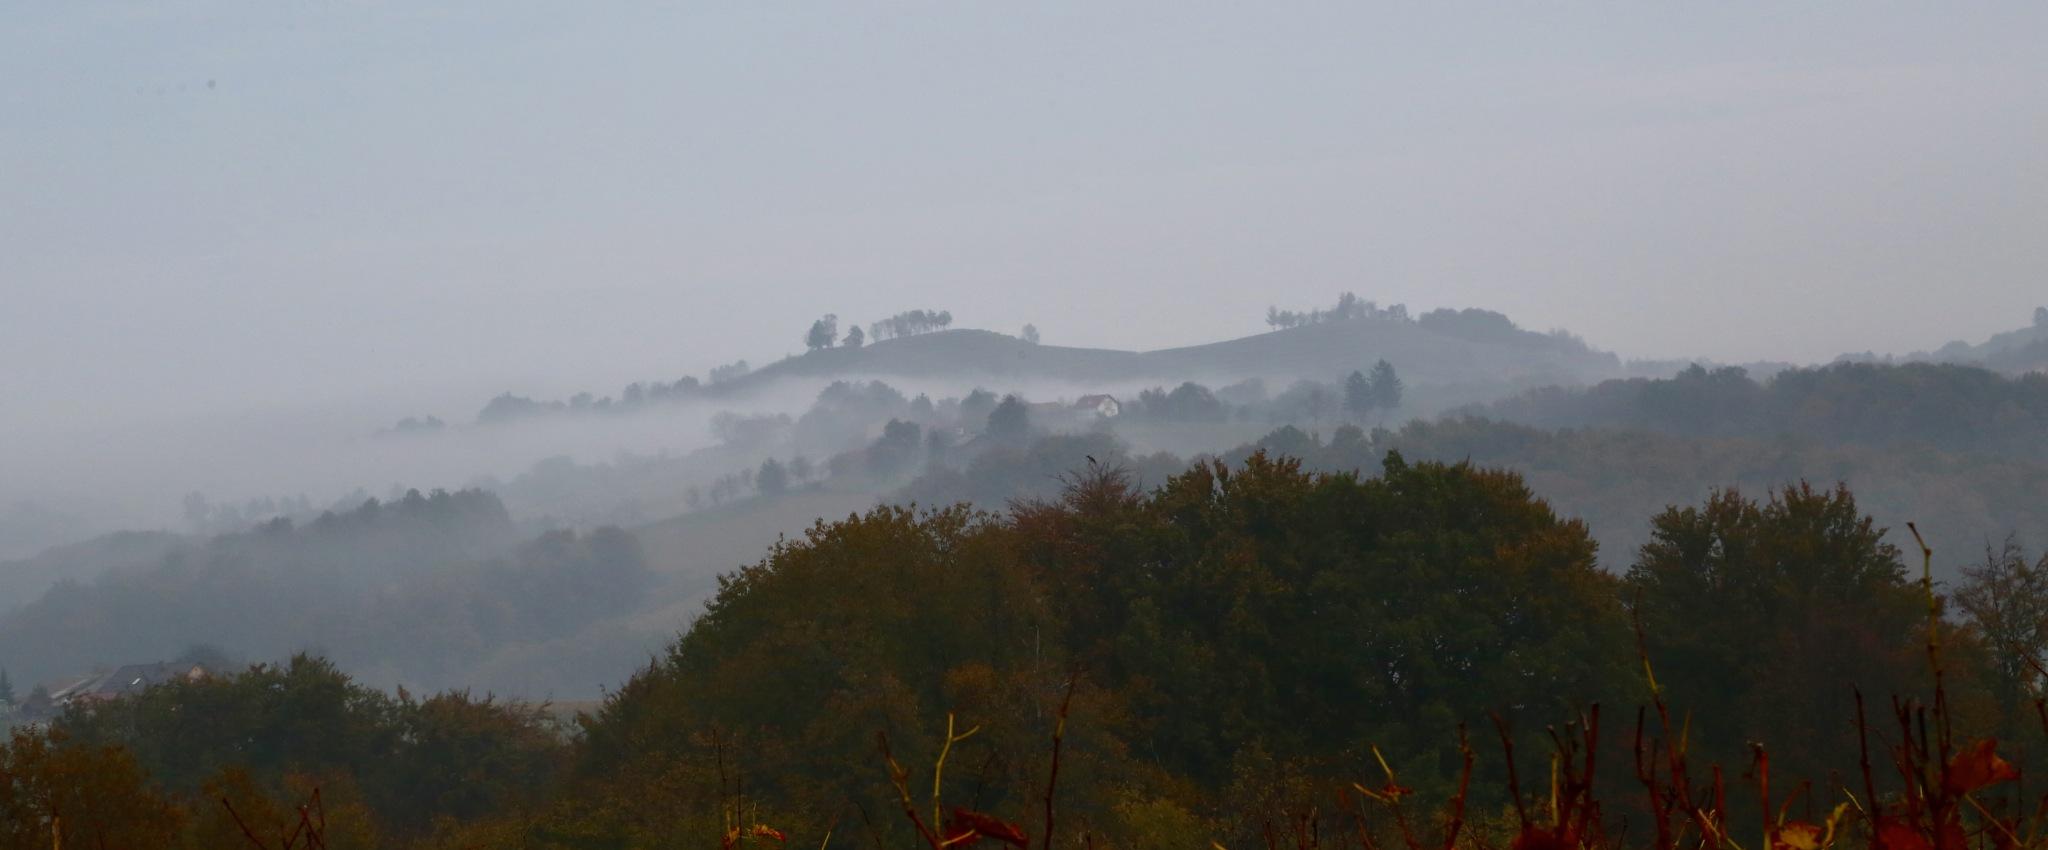 fog by meteor14avgust